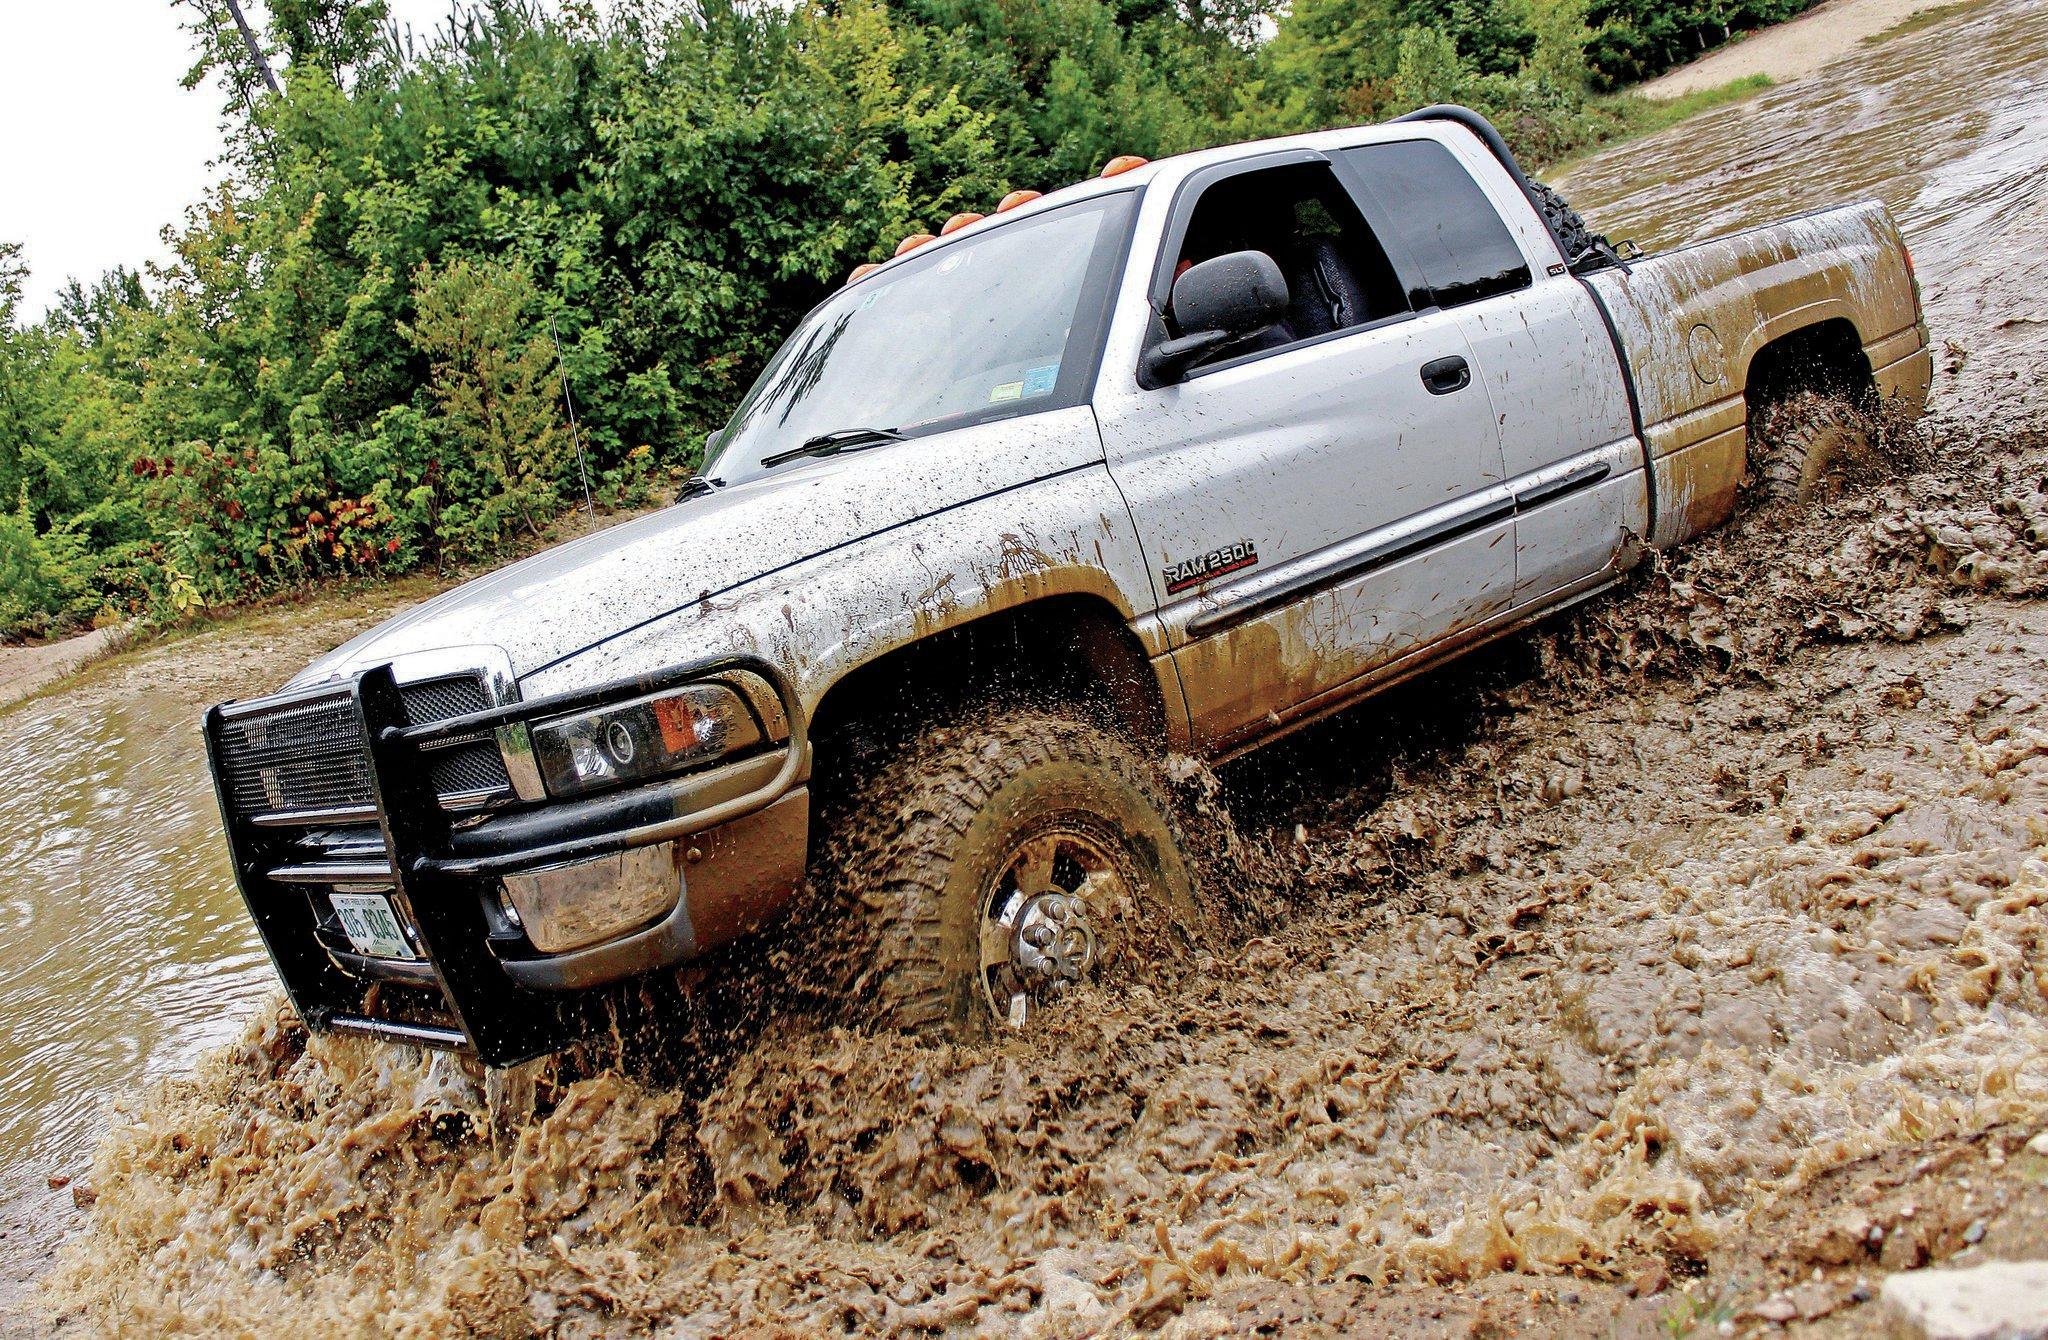 dode ram wheeling in mud with falken wildpeak mt